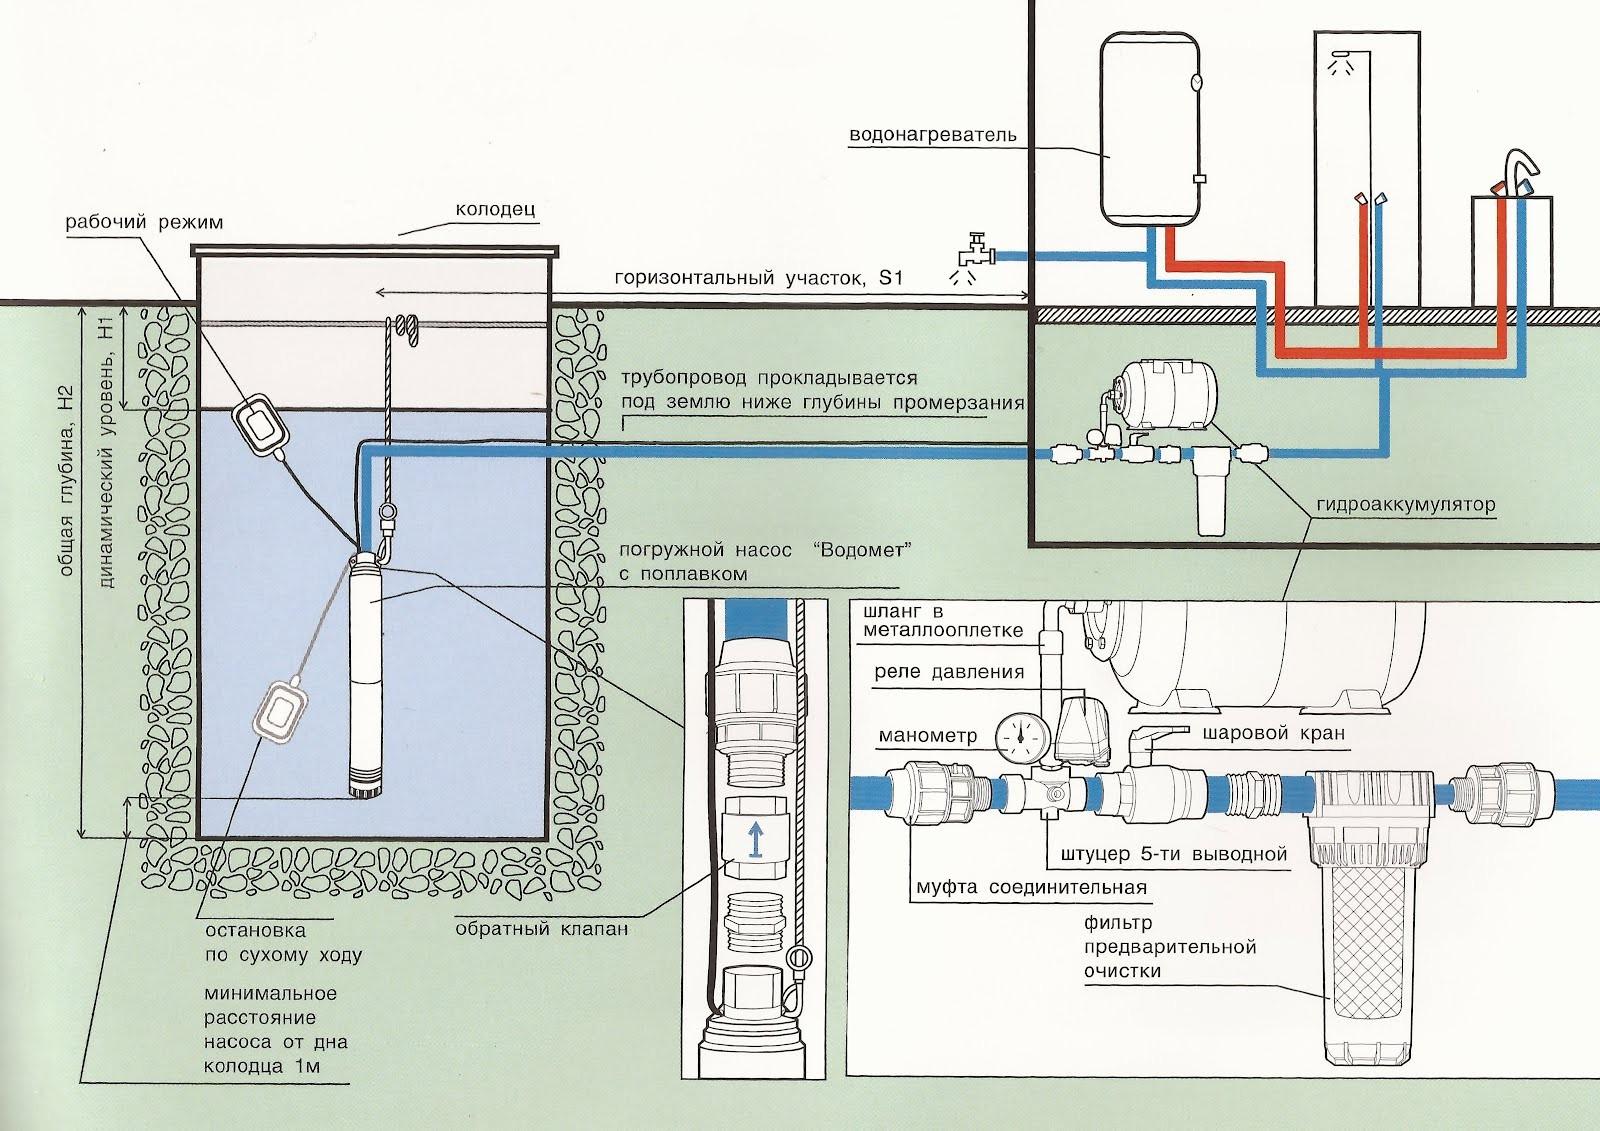 Как сделать водопровод из колодца на даче или в частном доме 16